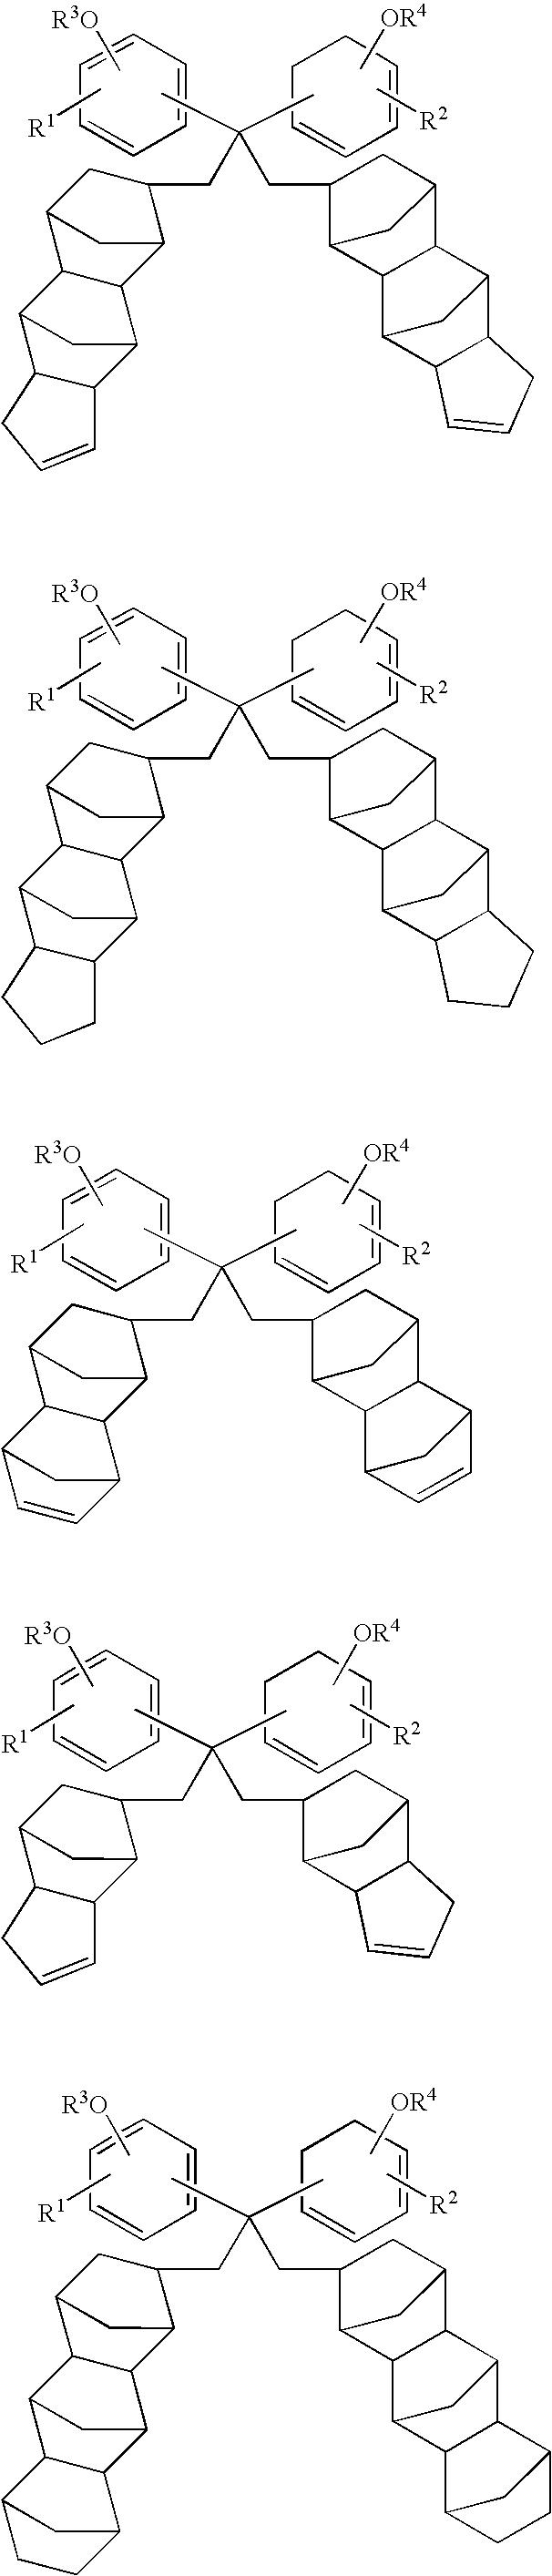 Figure US20070275325A1-20071129-C00007